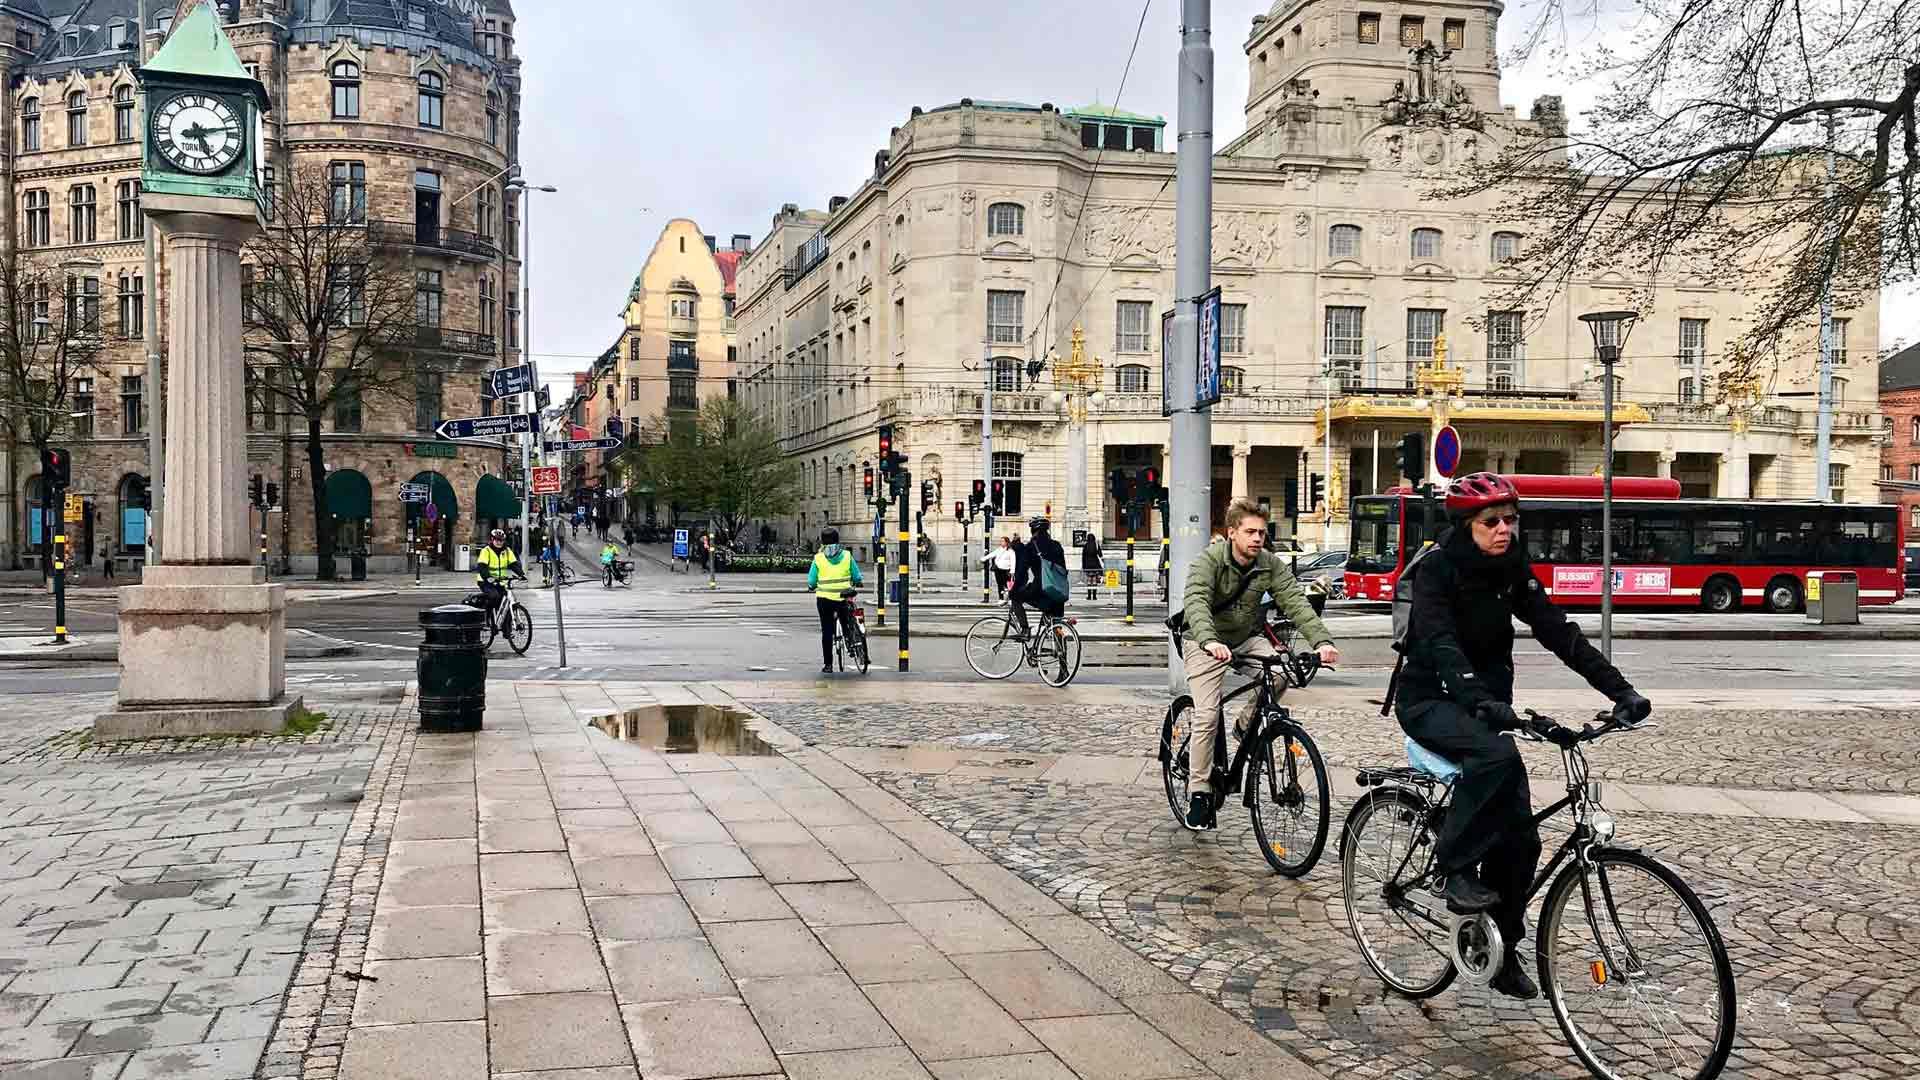 Monet kulkevat töihin pyörällä tai jalan.